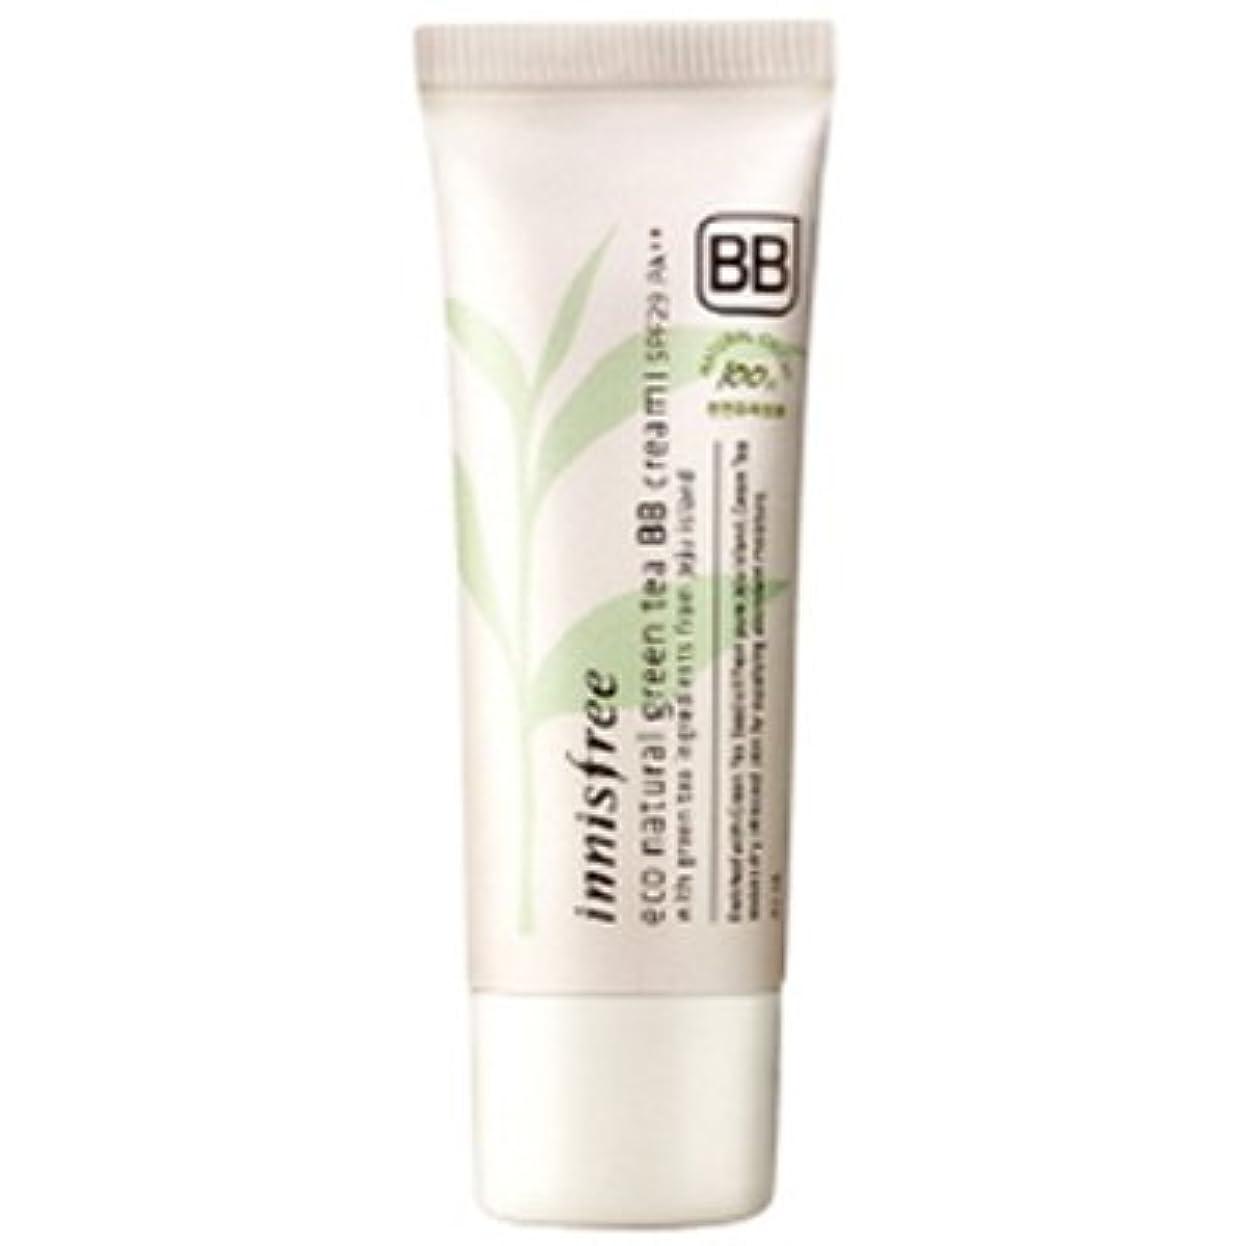 激怒乗り出す著名なinnisfree(イニスフリー) Eco natural green tea BB cream エコ ナチュラル グリーン ティー BB クリーム SPF29/PA++ 40ml #1:ライトベージュ